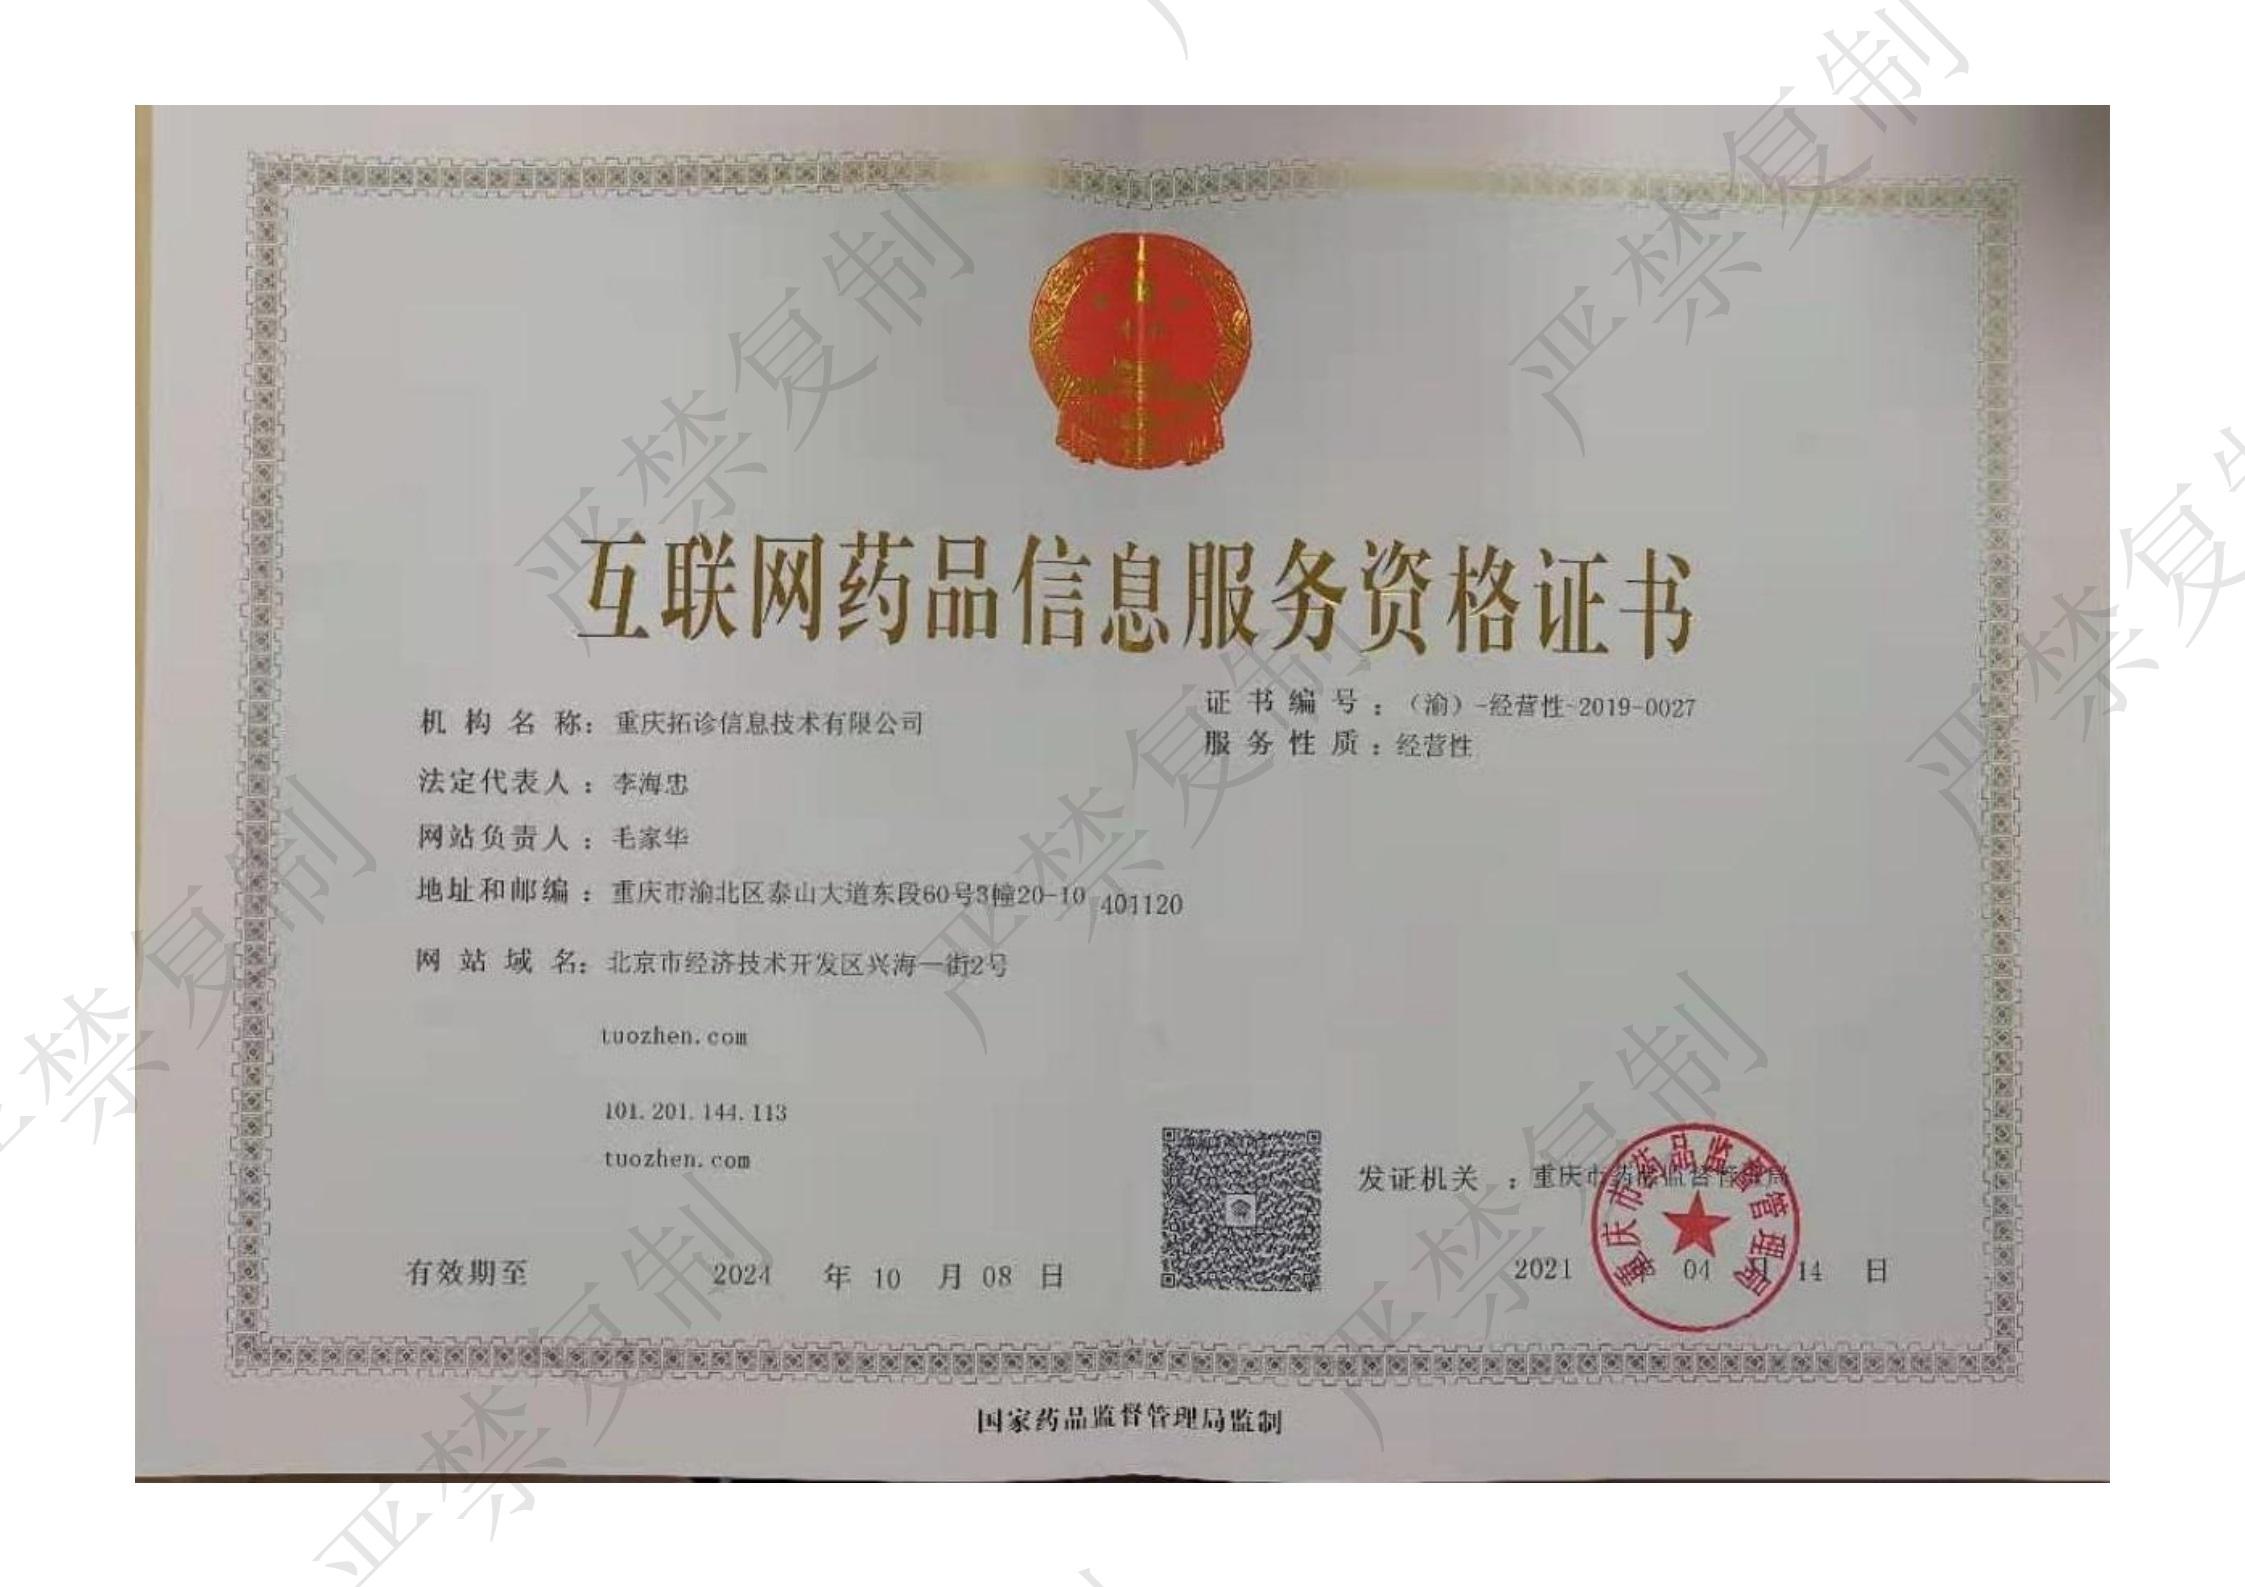 拓診互聯網藥品信息服務資格證書.jpg